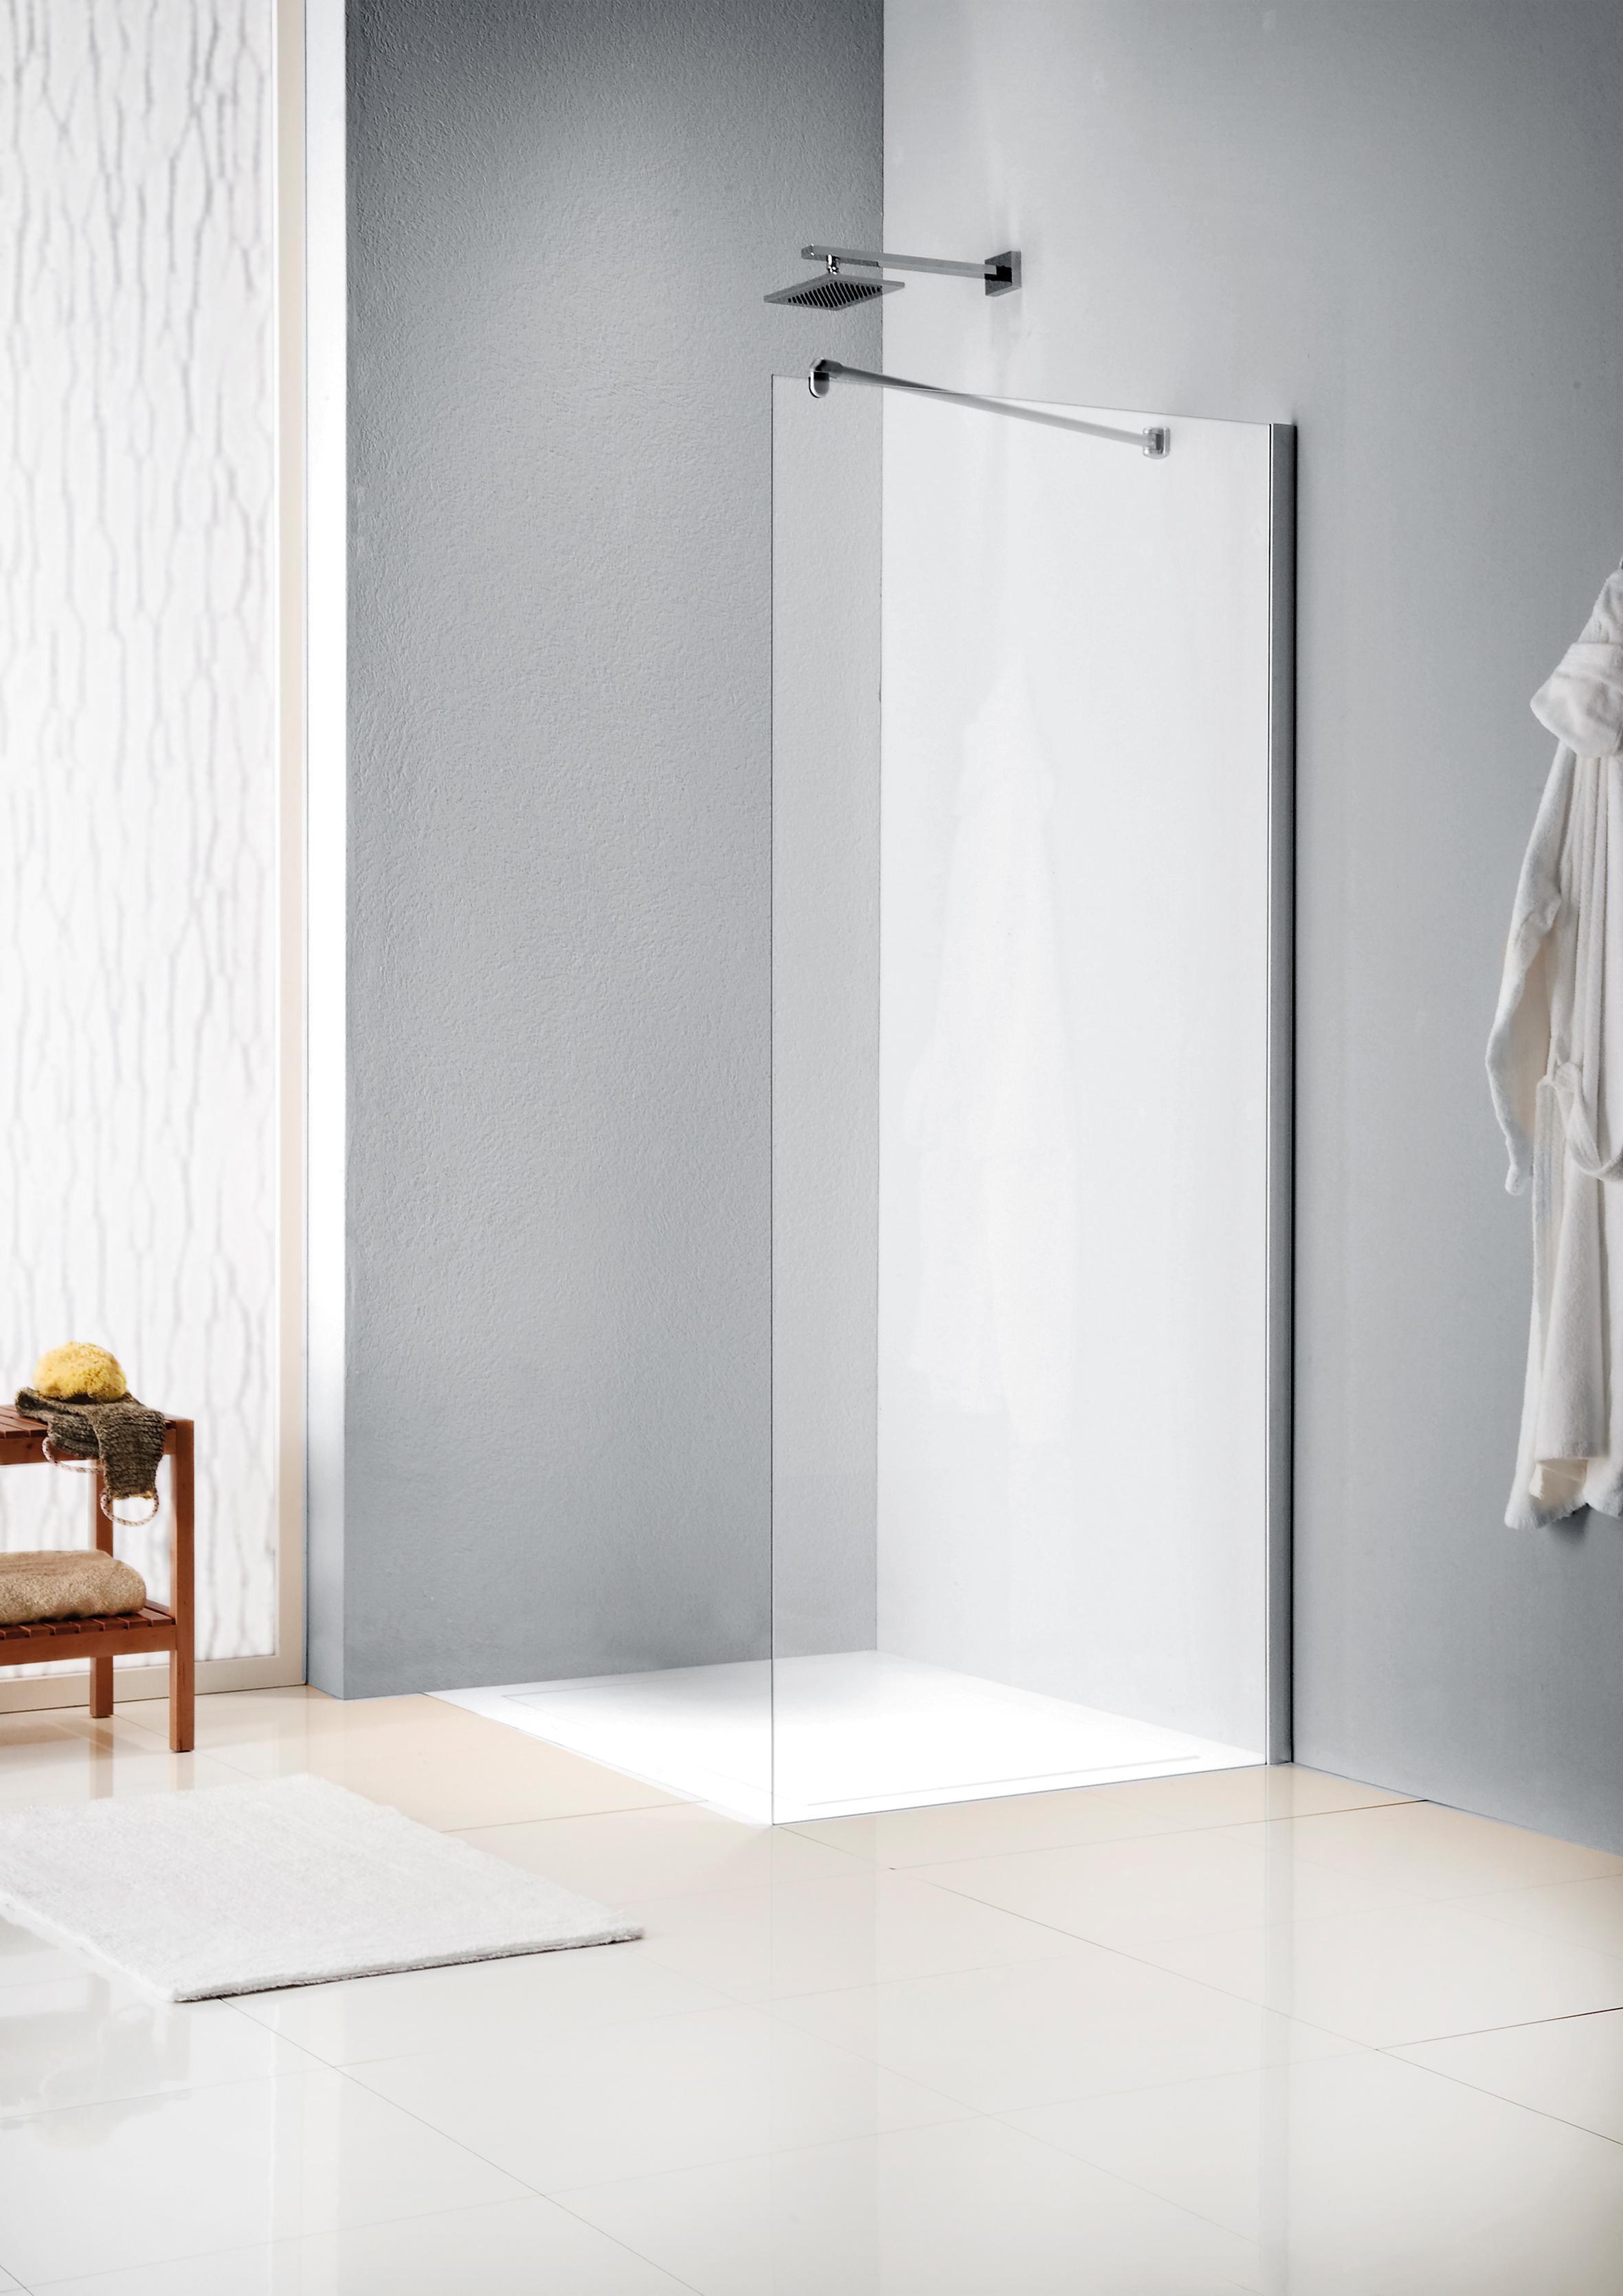 Sealskin Get Wet W205 inloopdouche 90x200cm mat zilver profiel en chinchilla glas voorzien van antik